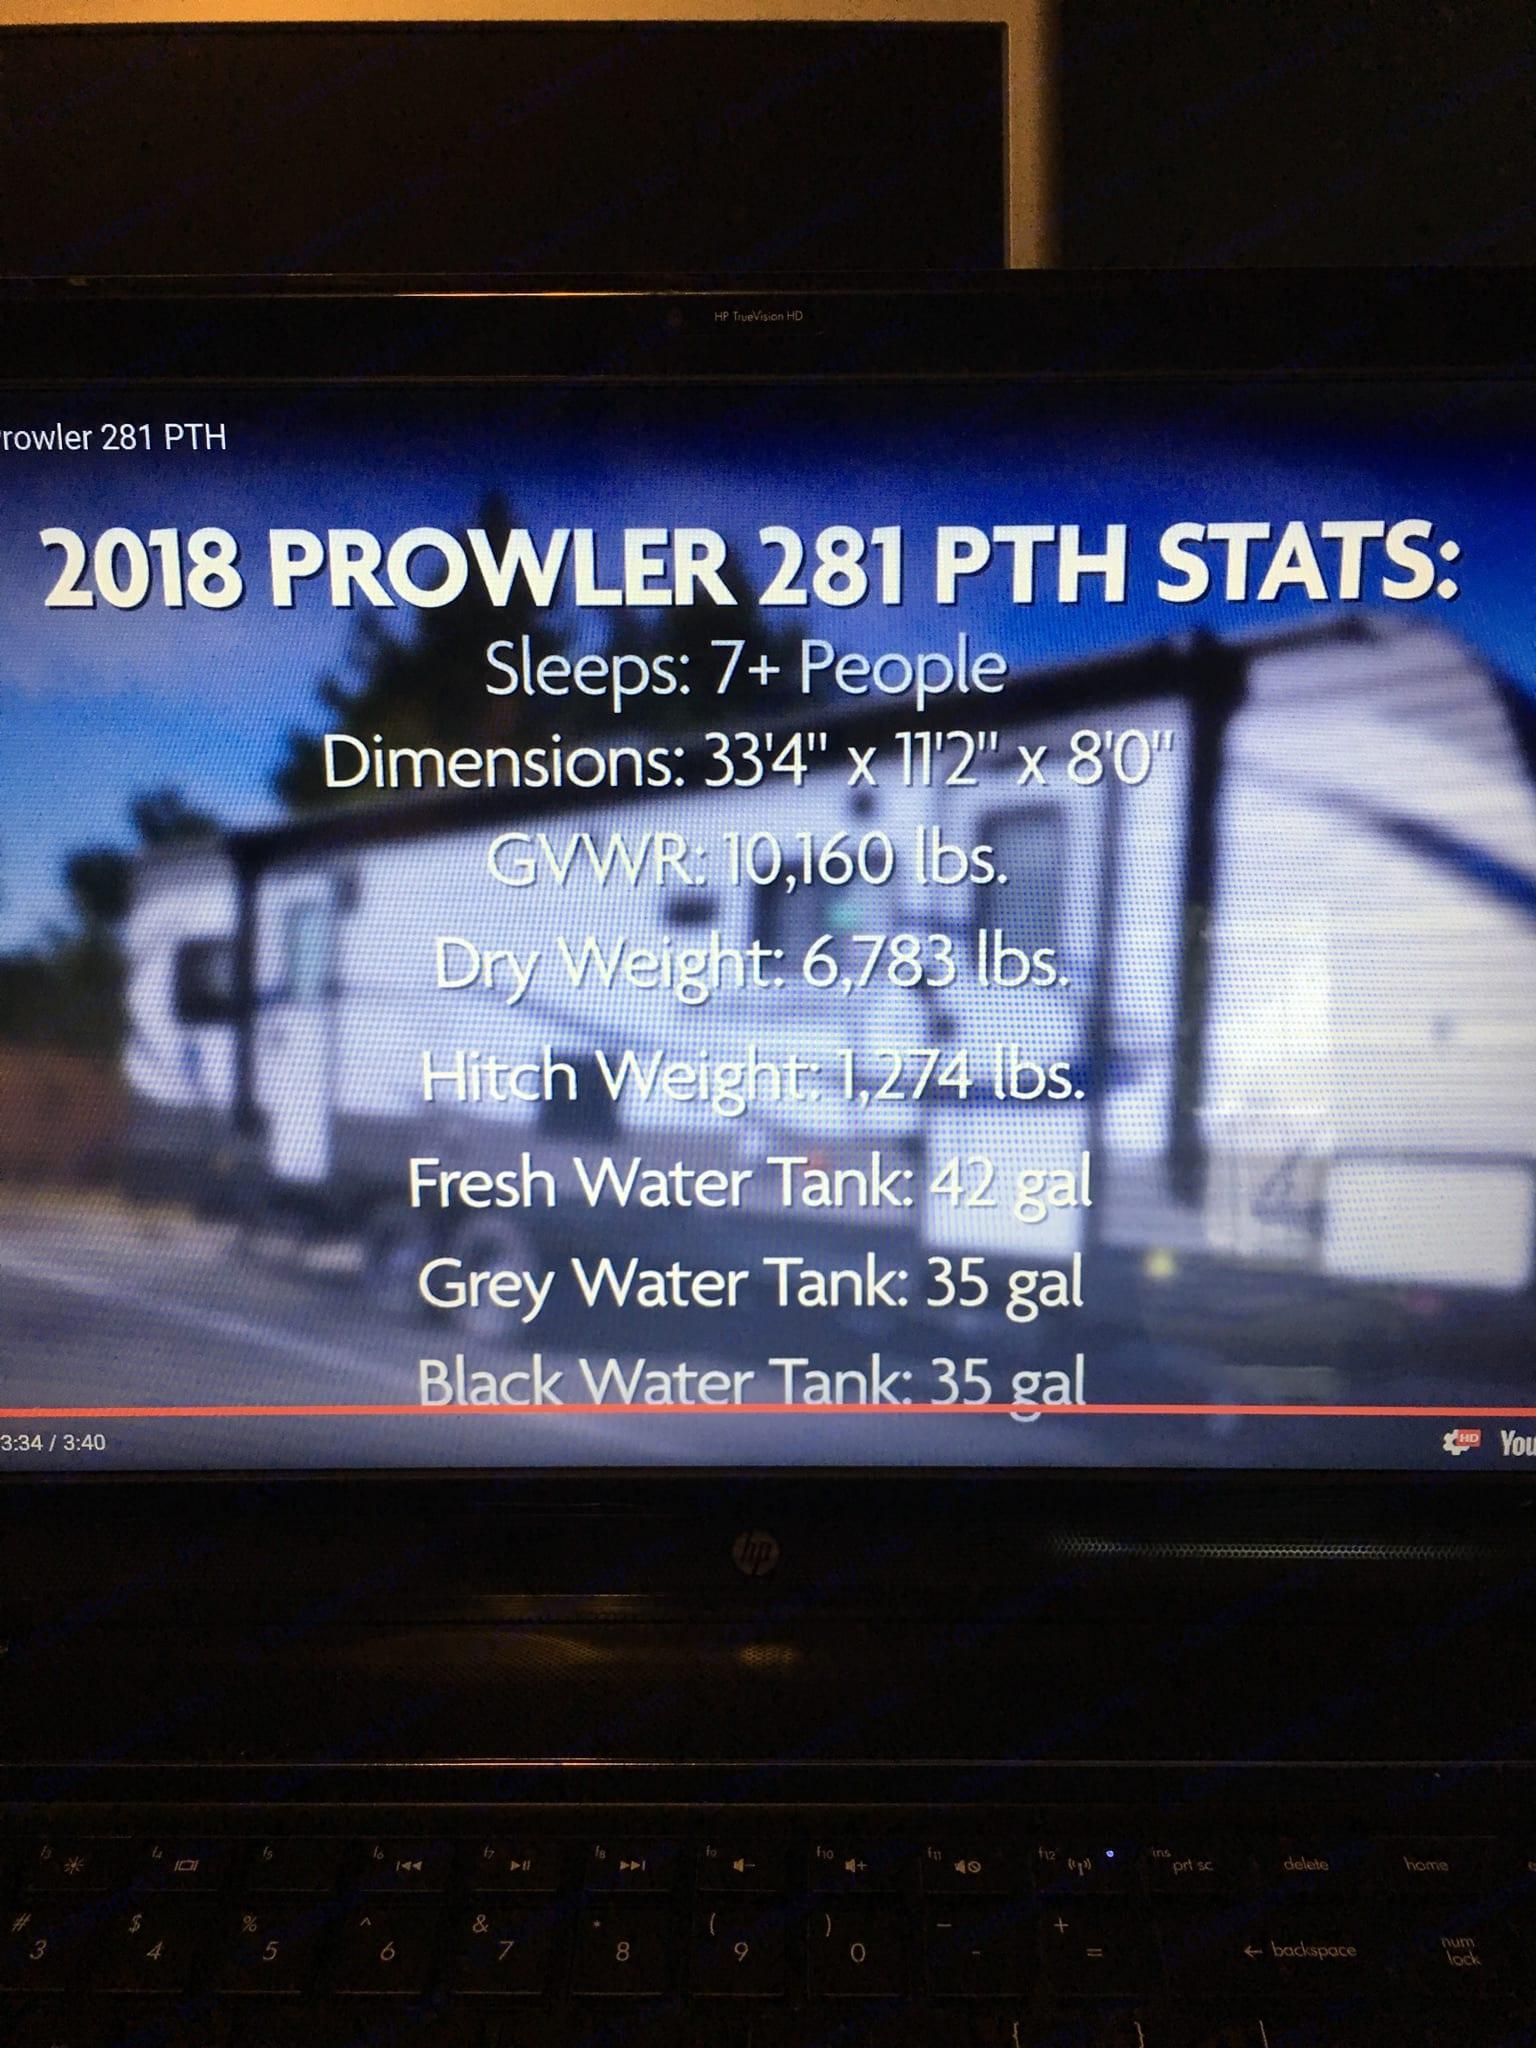 Stats. 2 doors. . Heartland Prowler 2018